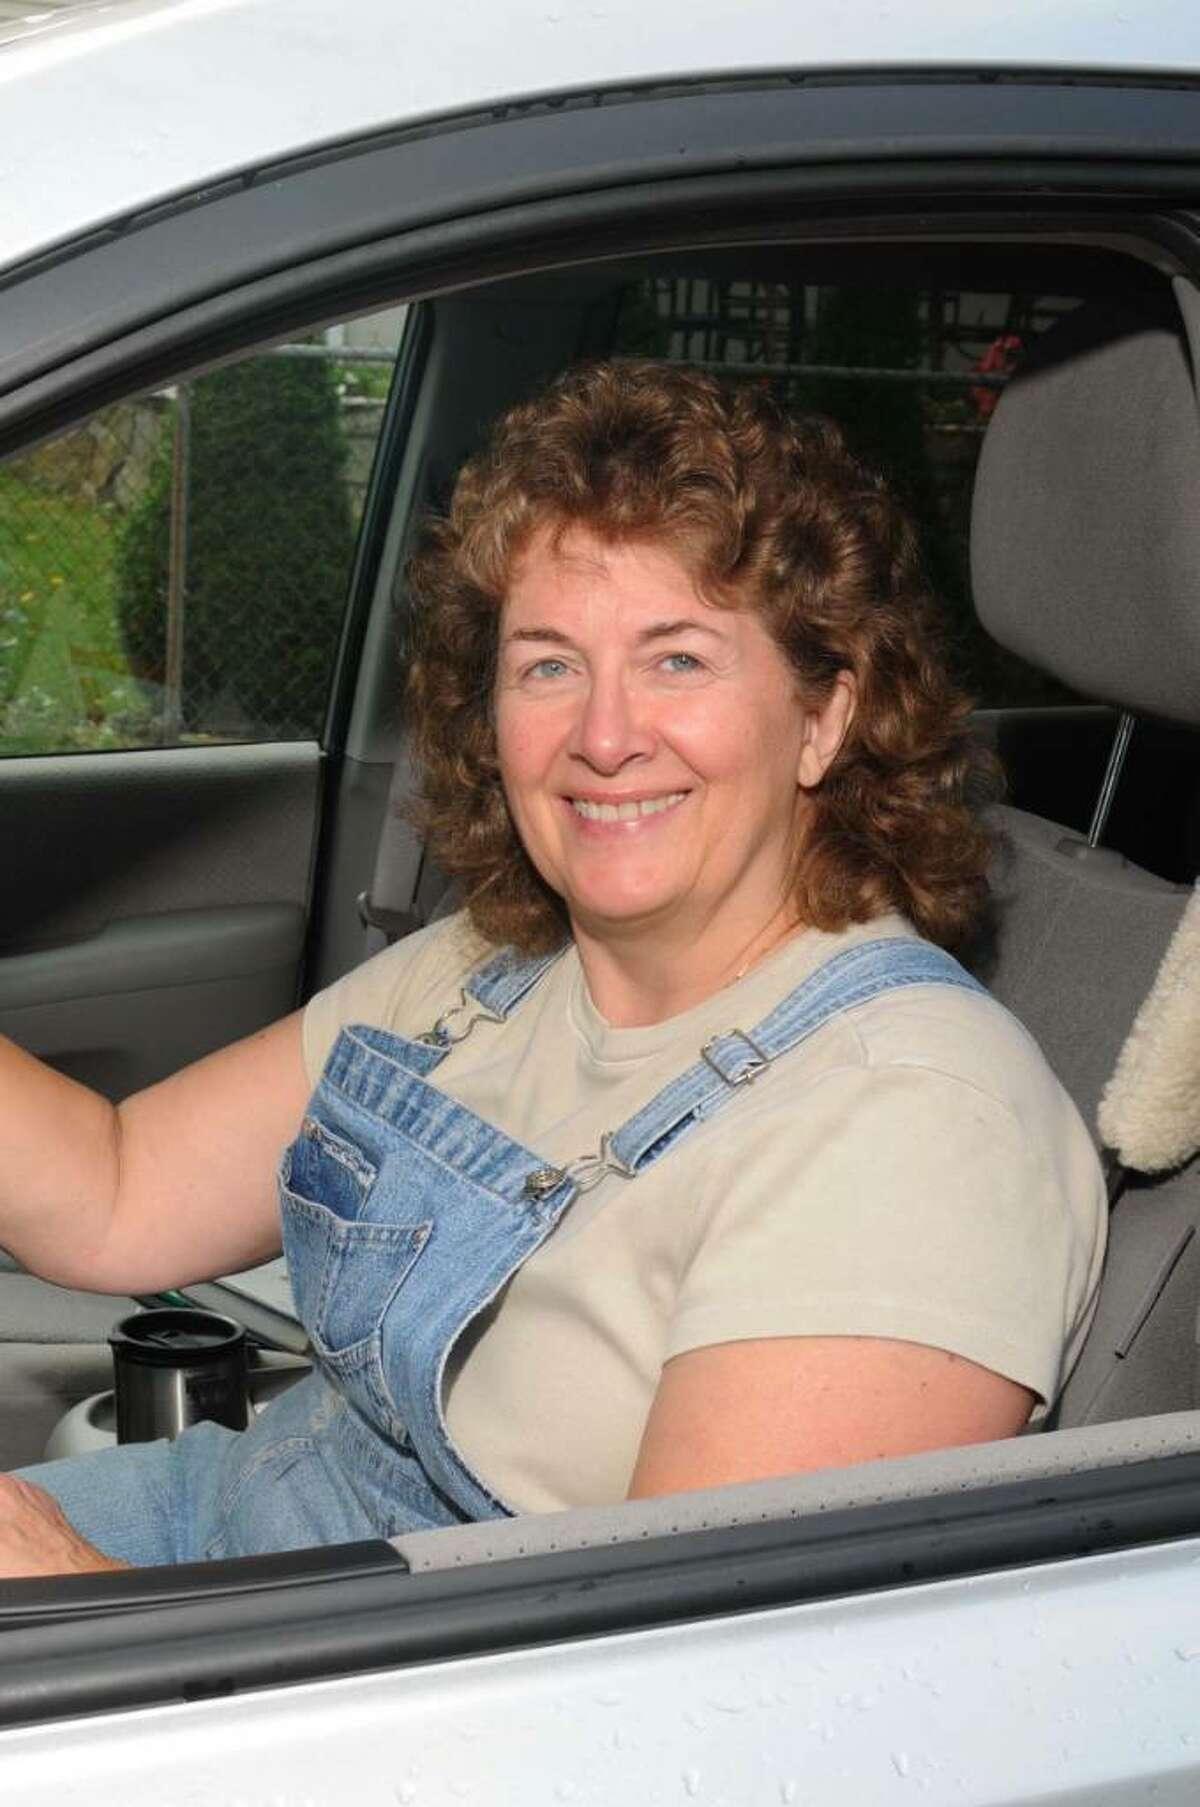 Nancy Weston of Danbury, CT in her van on Tuesday, Oct. 13, 2009.